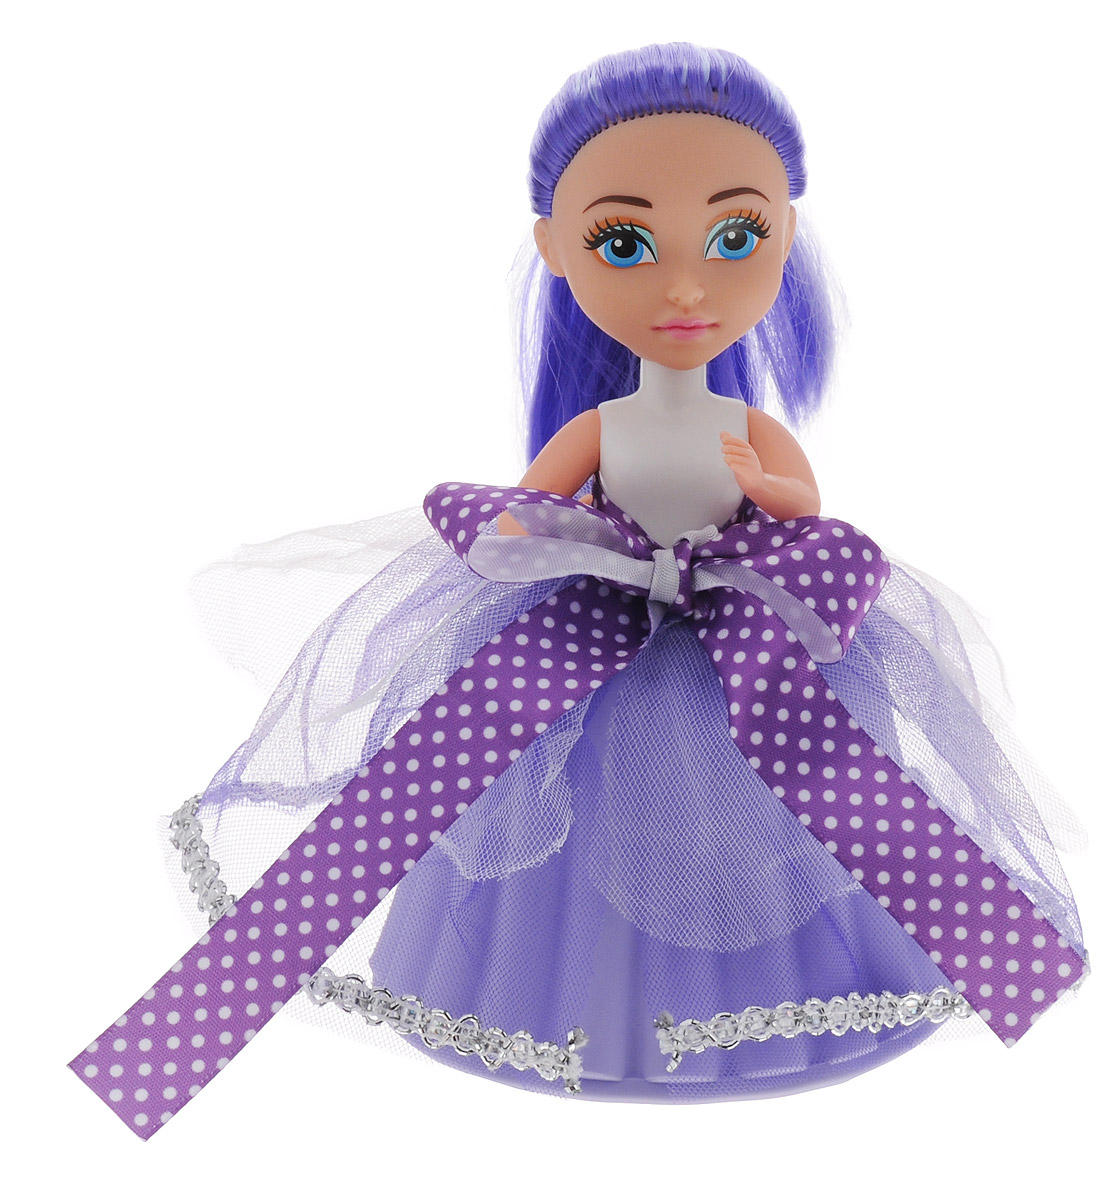 Купить ABtoys Мини-кукла Сладкий сюрприз цвет фиолетовый, Куклы и аксессуары